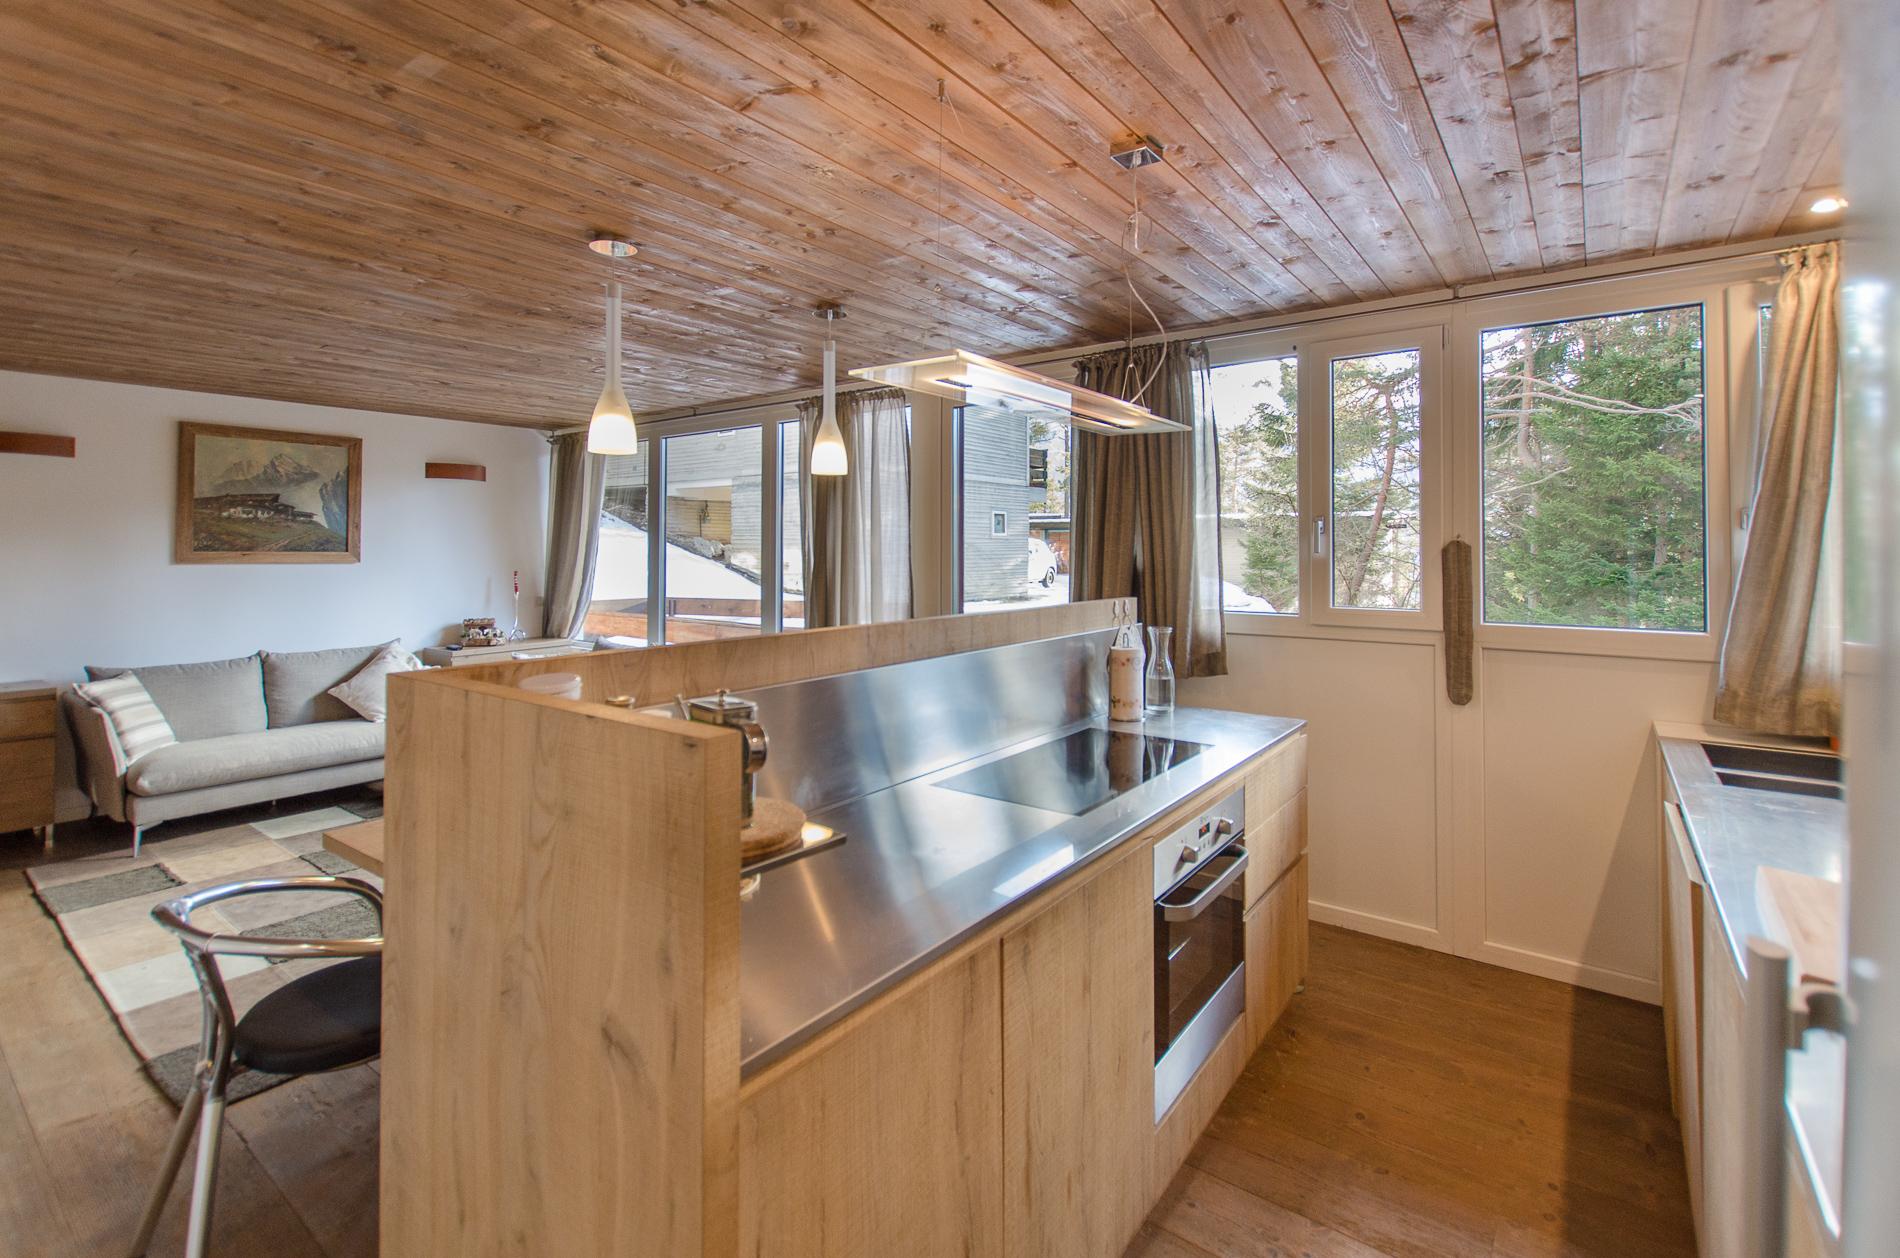 Corte Delle Dolomiti Spa chalet d'autore - corte delle dolomiti - 5 beds - flats for